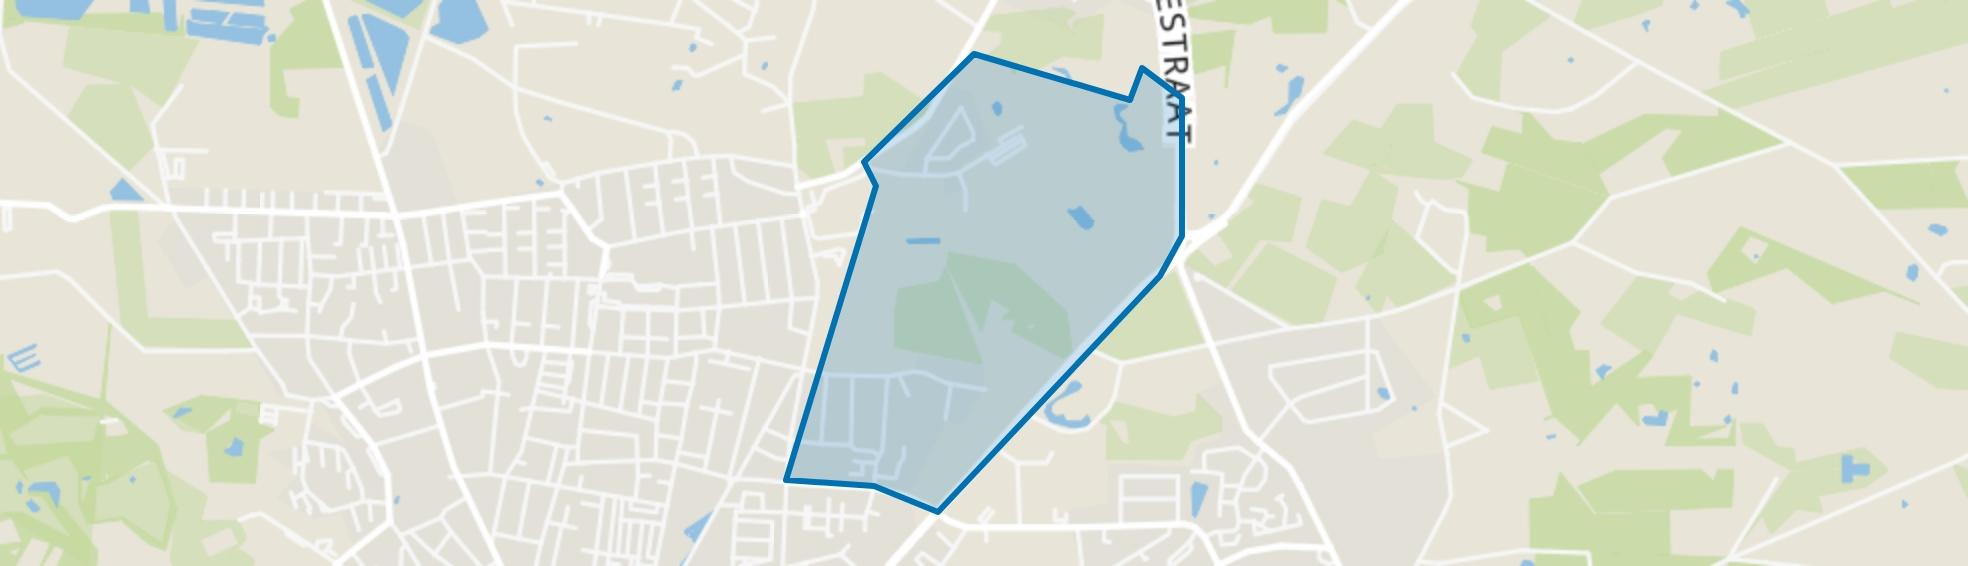 Voortman-Amelink, Enschede map